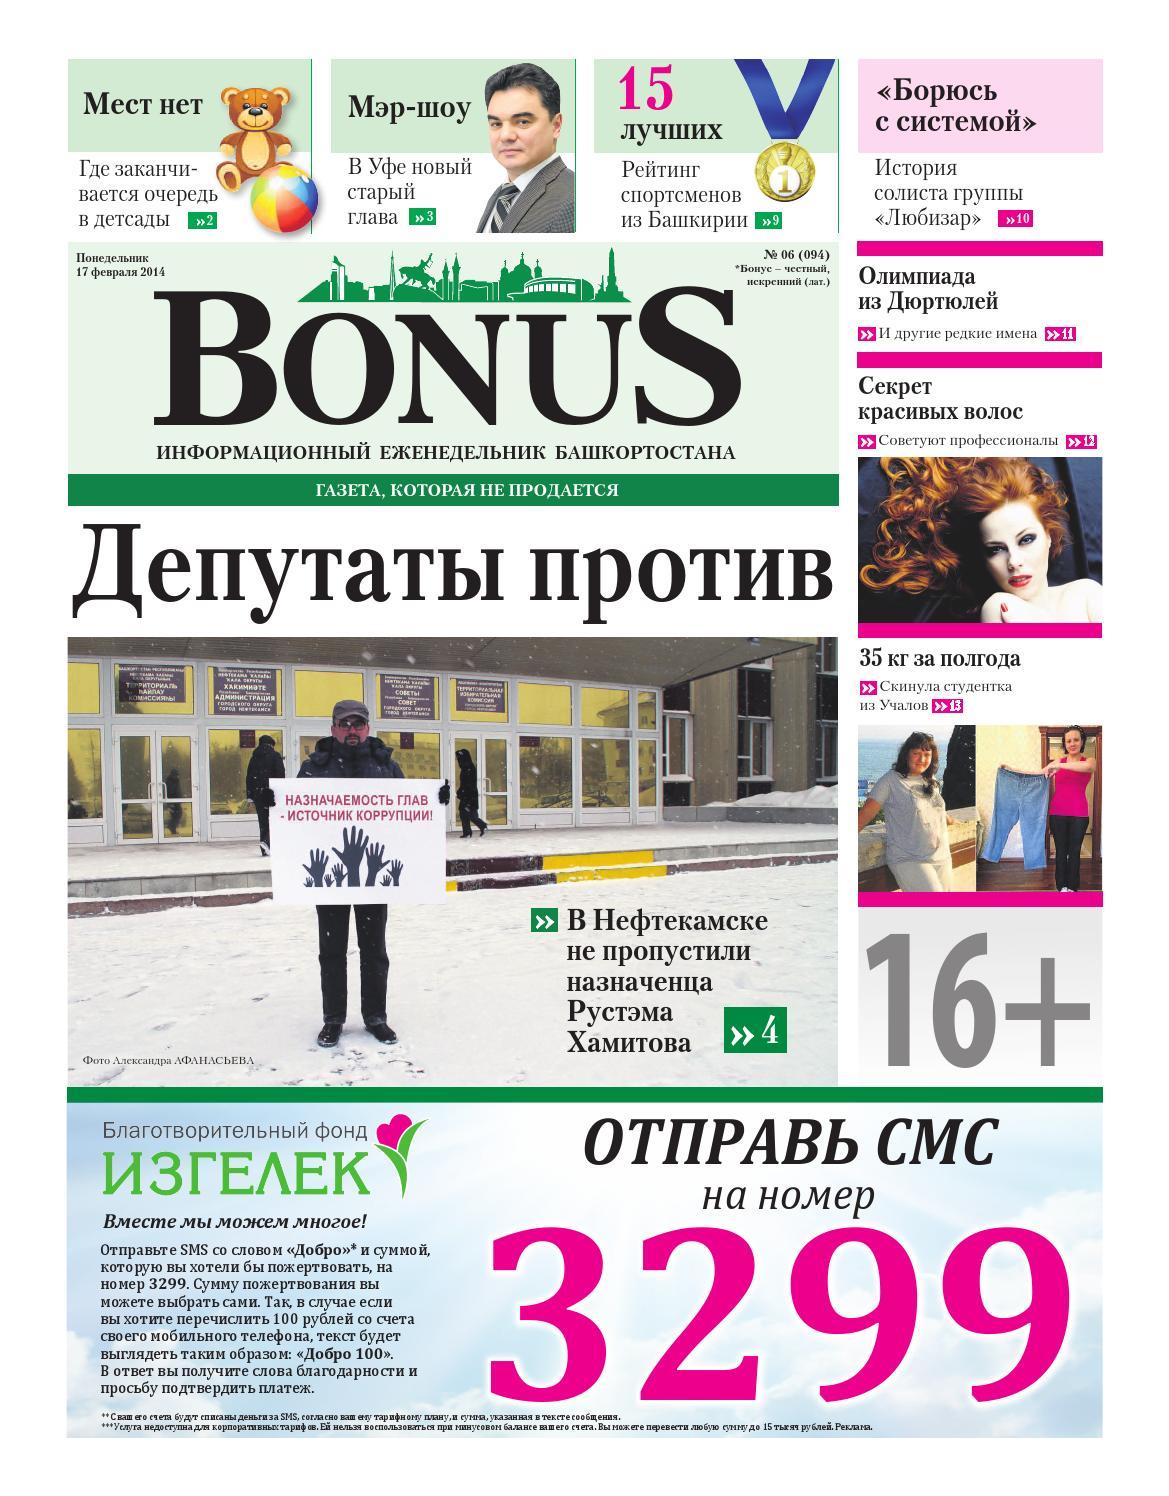 какую должность занимает гильманов фарит фаррахович займы под залог недвижимости москва vtb.ru